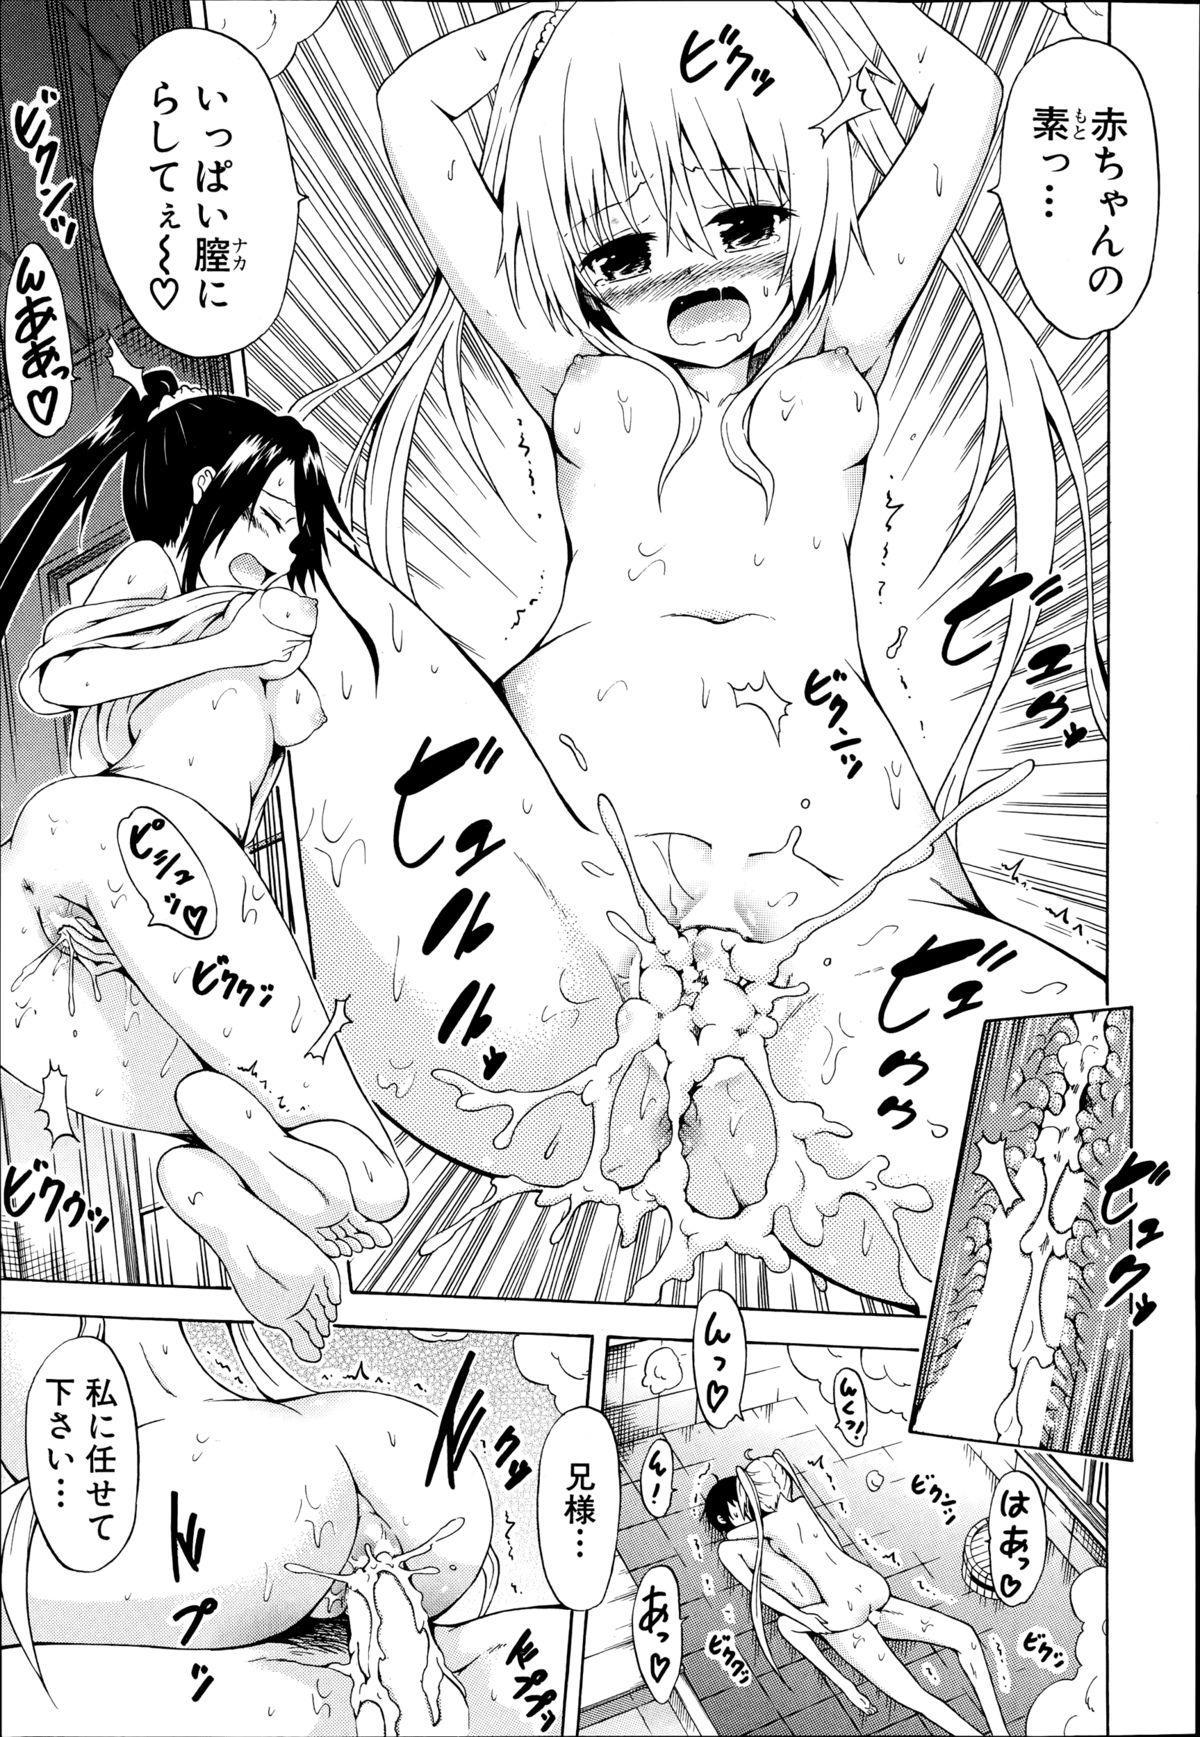 Natsumitsu x Harem! 50